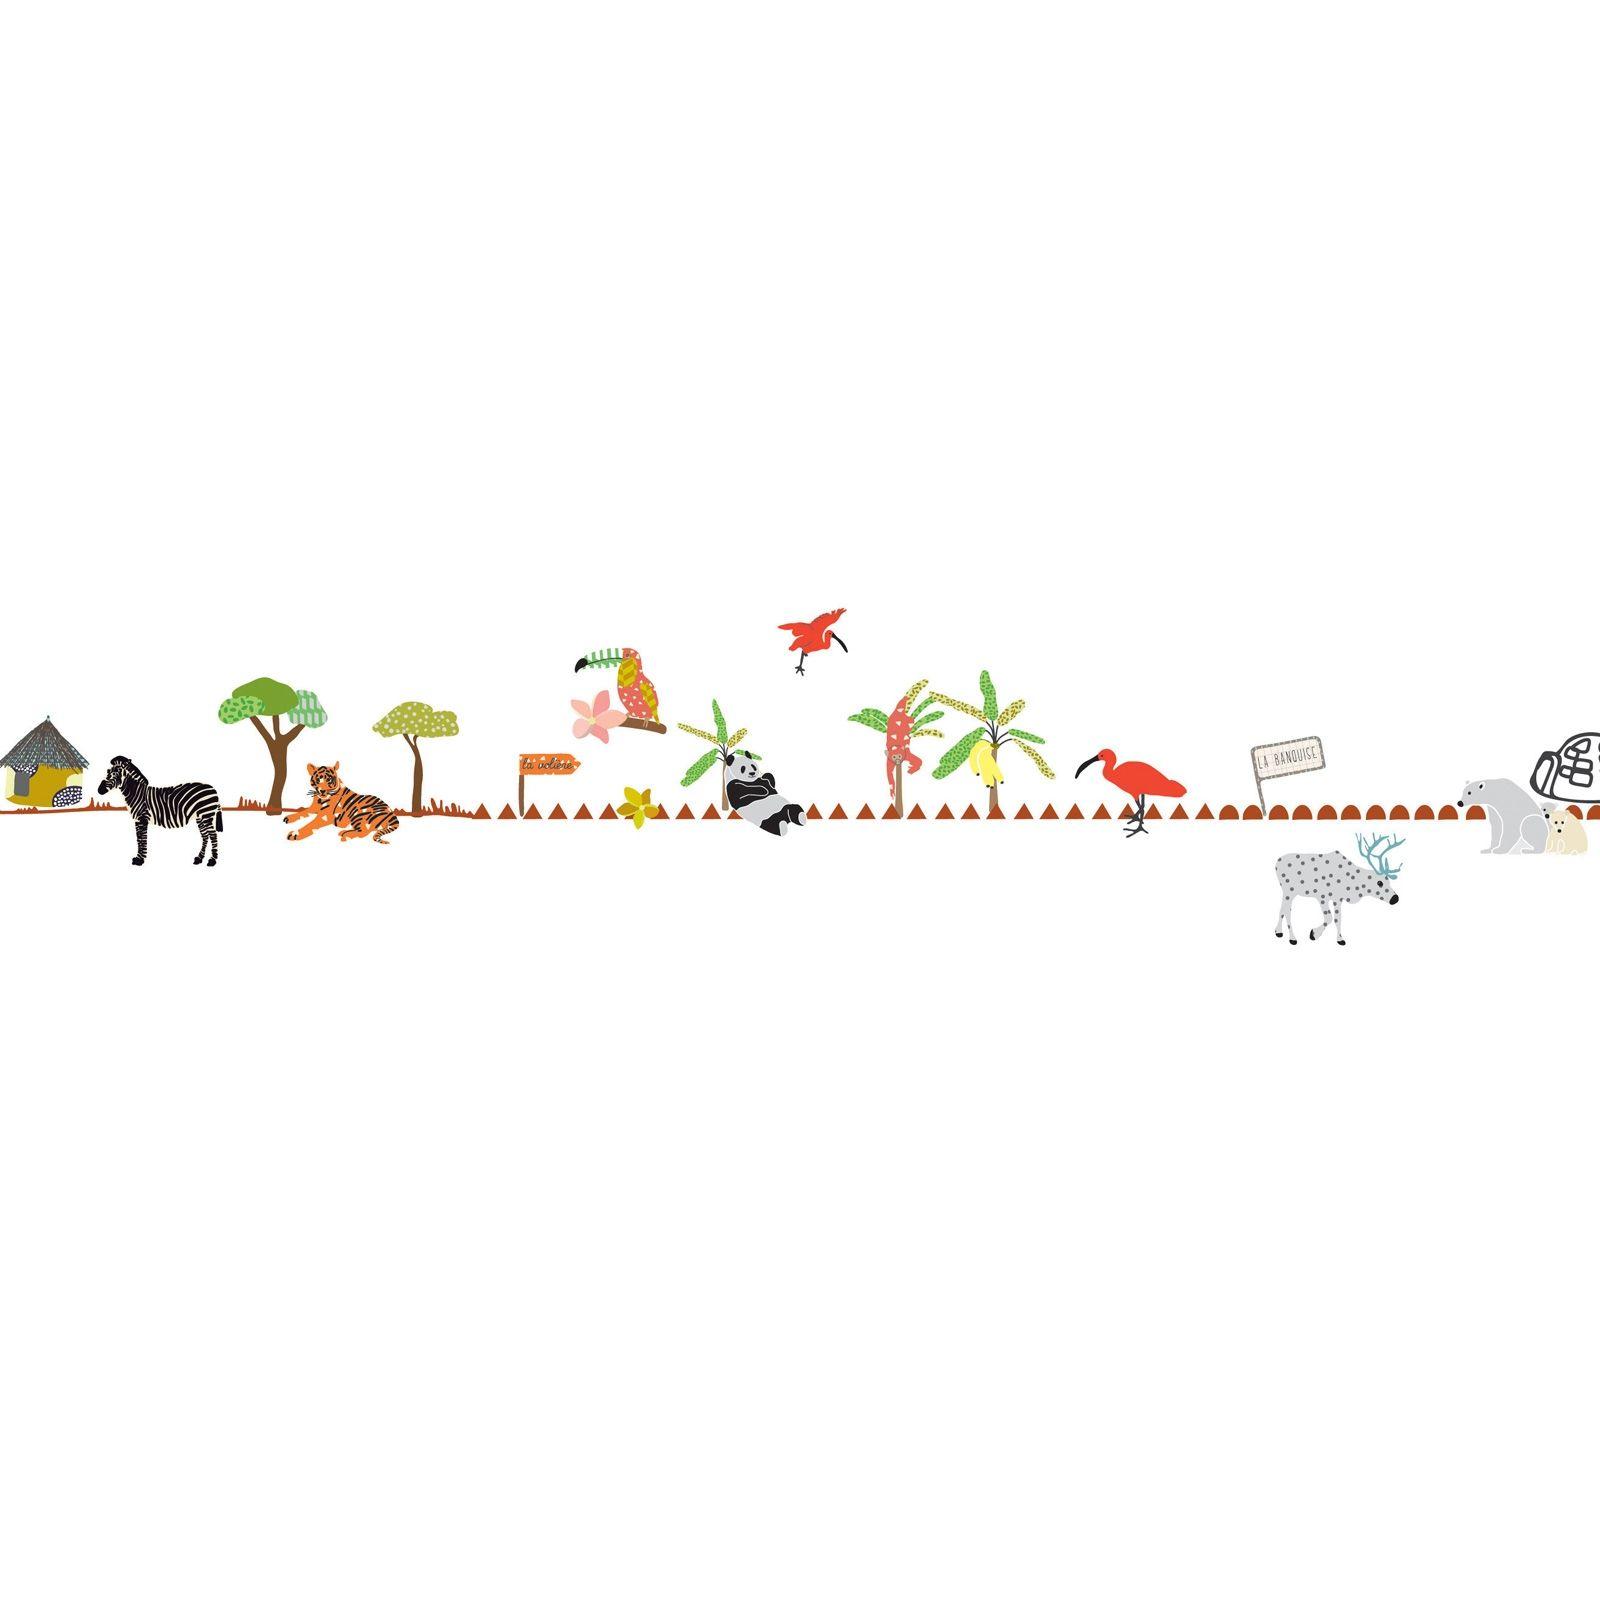 Cette frise murale Balade au zoo par Mimi'lou apportera une note de couleur à la décoration de chambre de votre enfant.